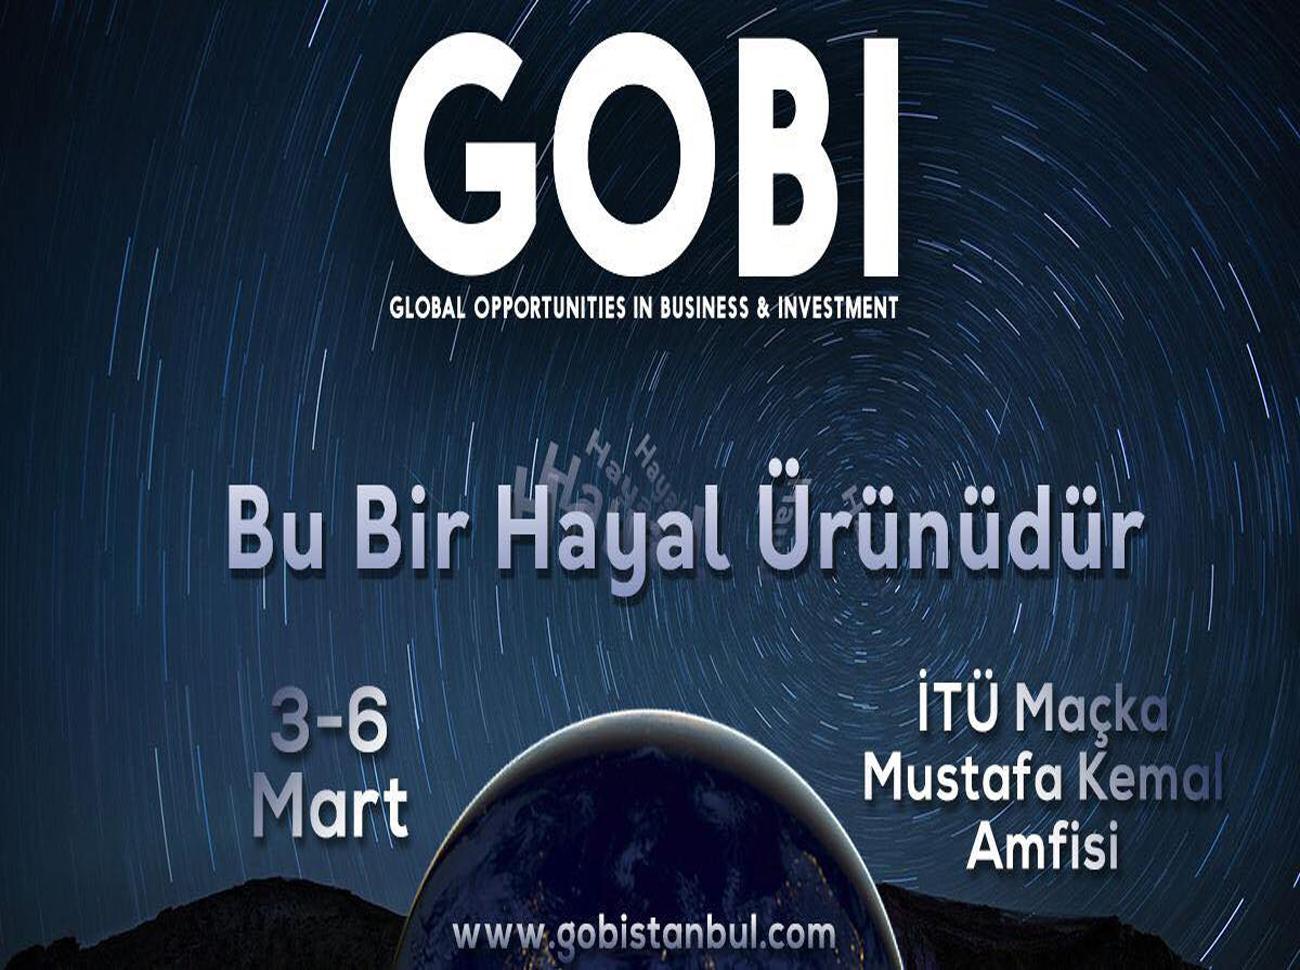 GOBI 2019, 3-6 Mart'ta İTÜ Maçka Kampüsü'nde